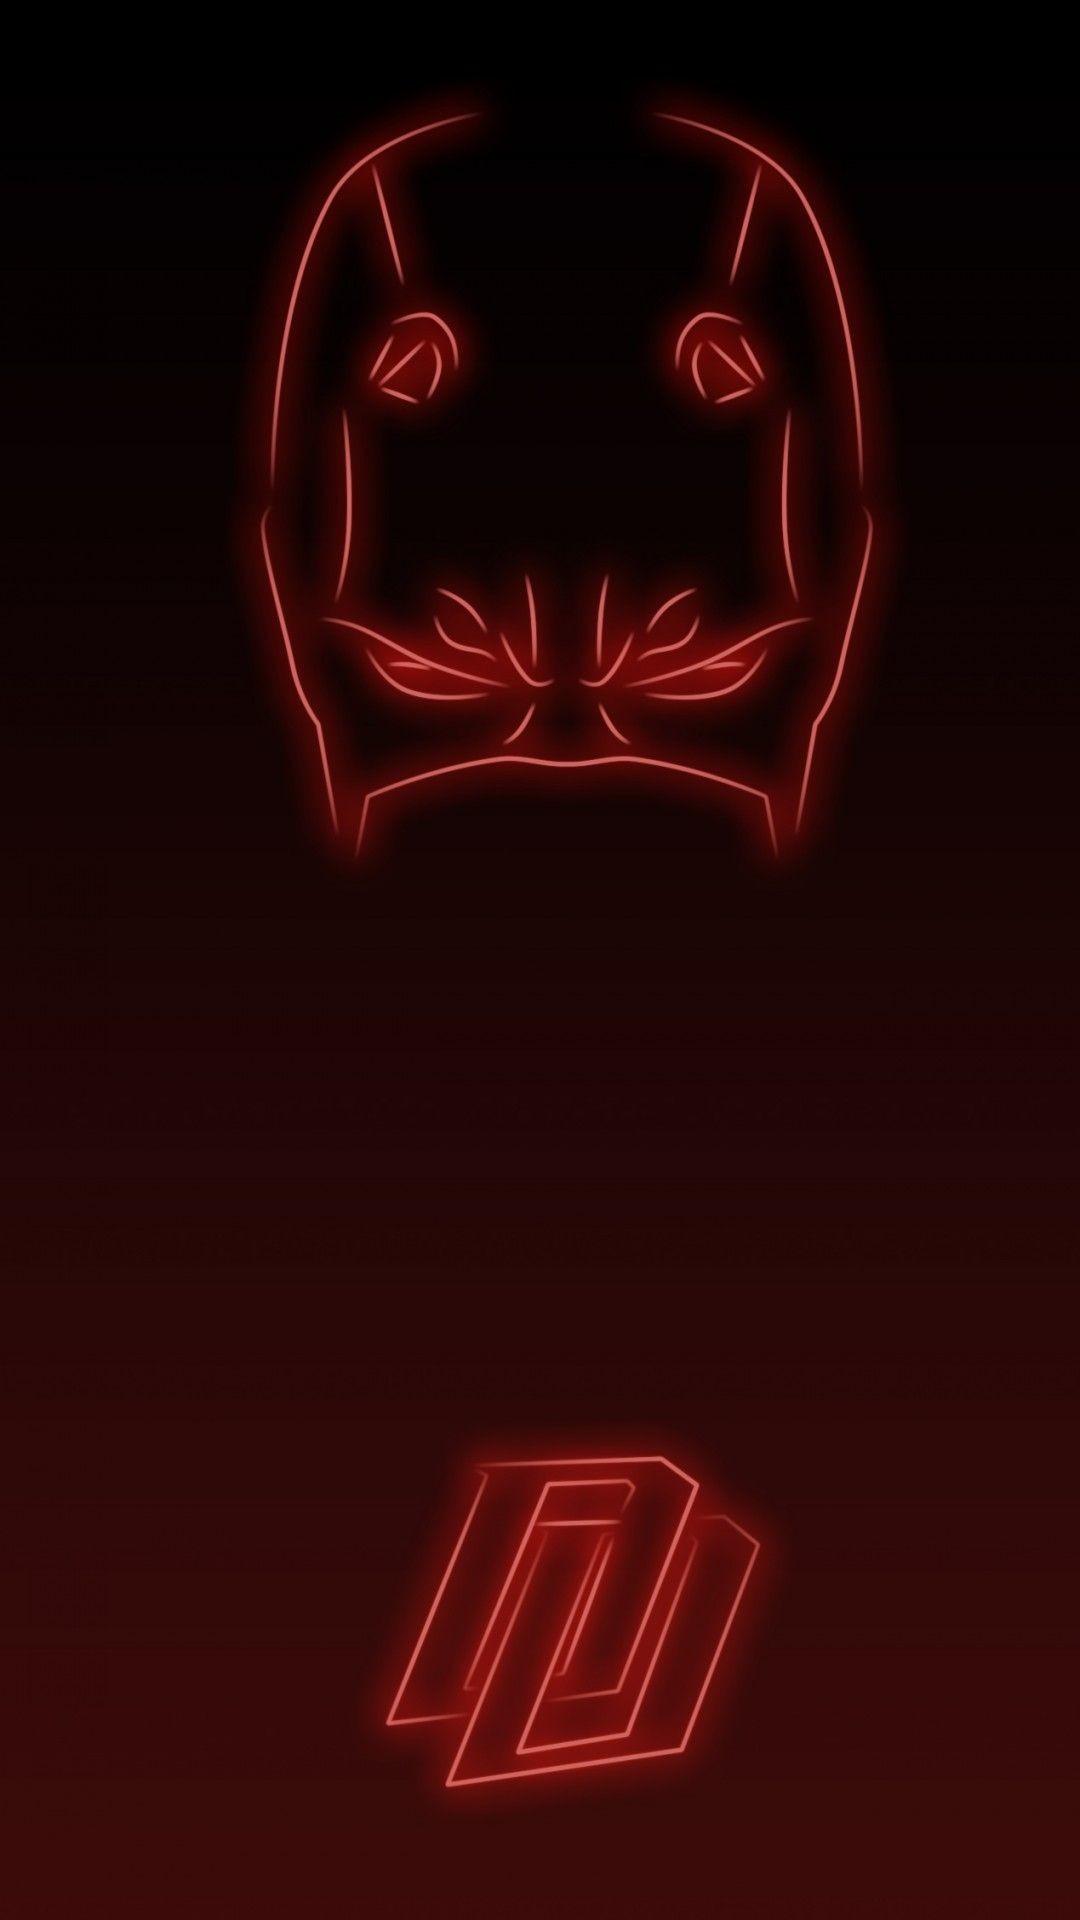 Res: 1080x1920, Neon Light Daredevil 1080 x 1920 Wallpapers disponible en téléchargement  gratuit.